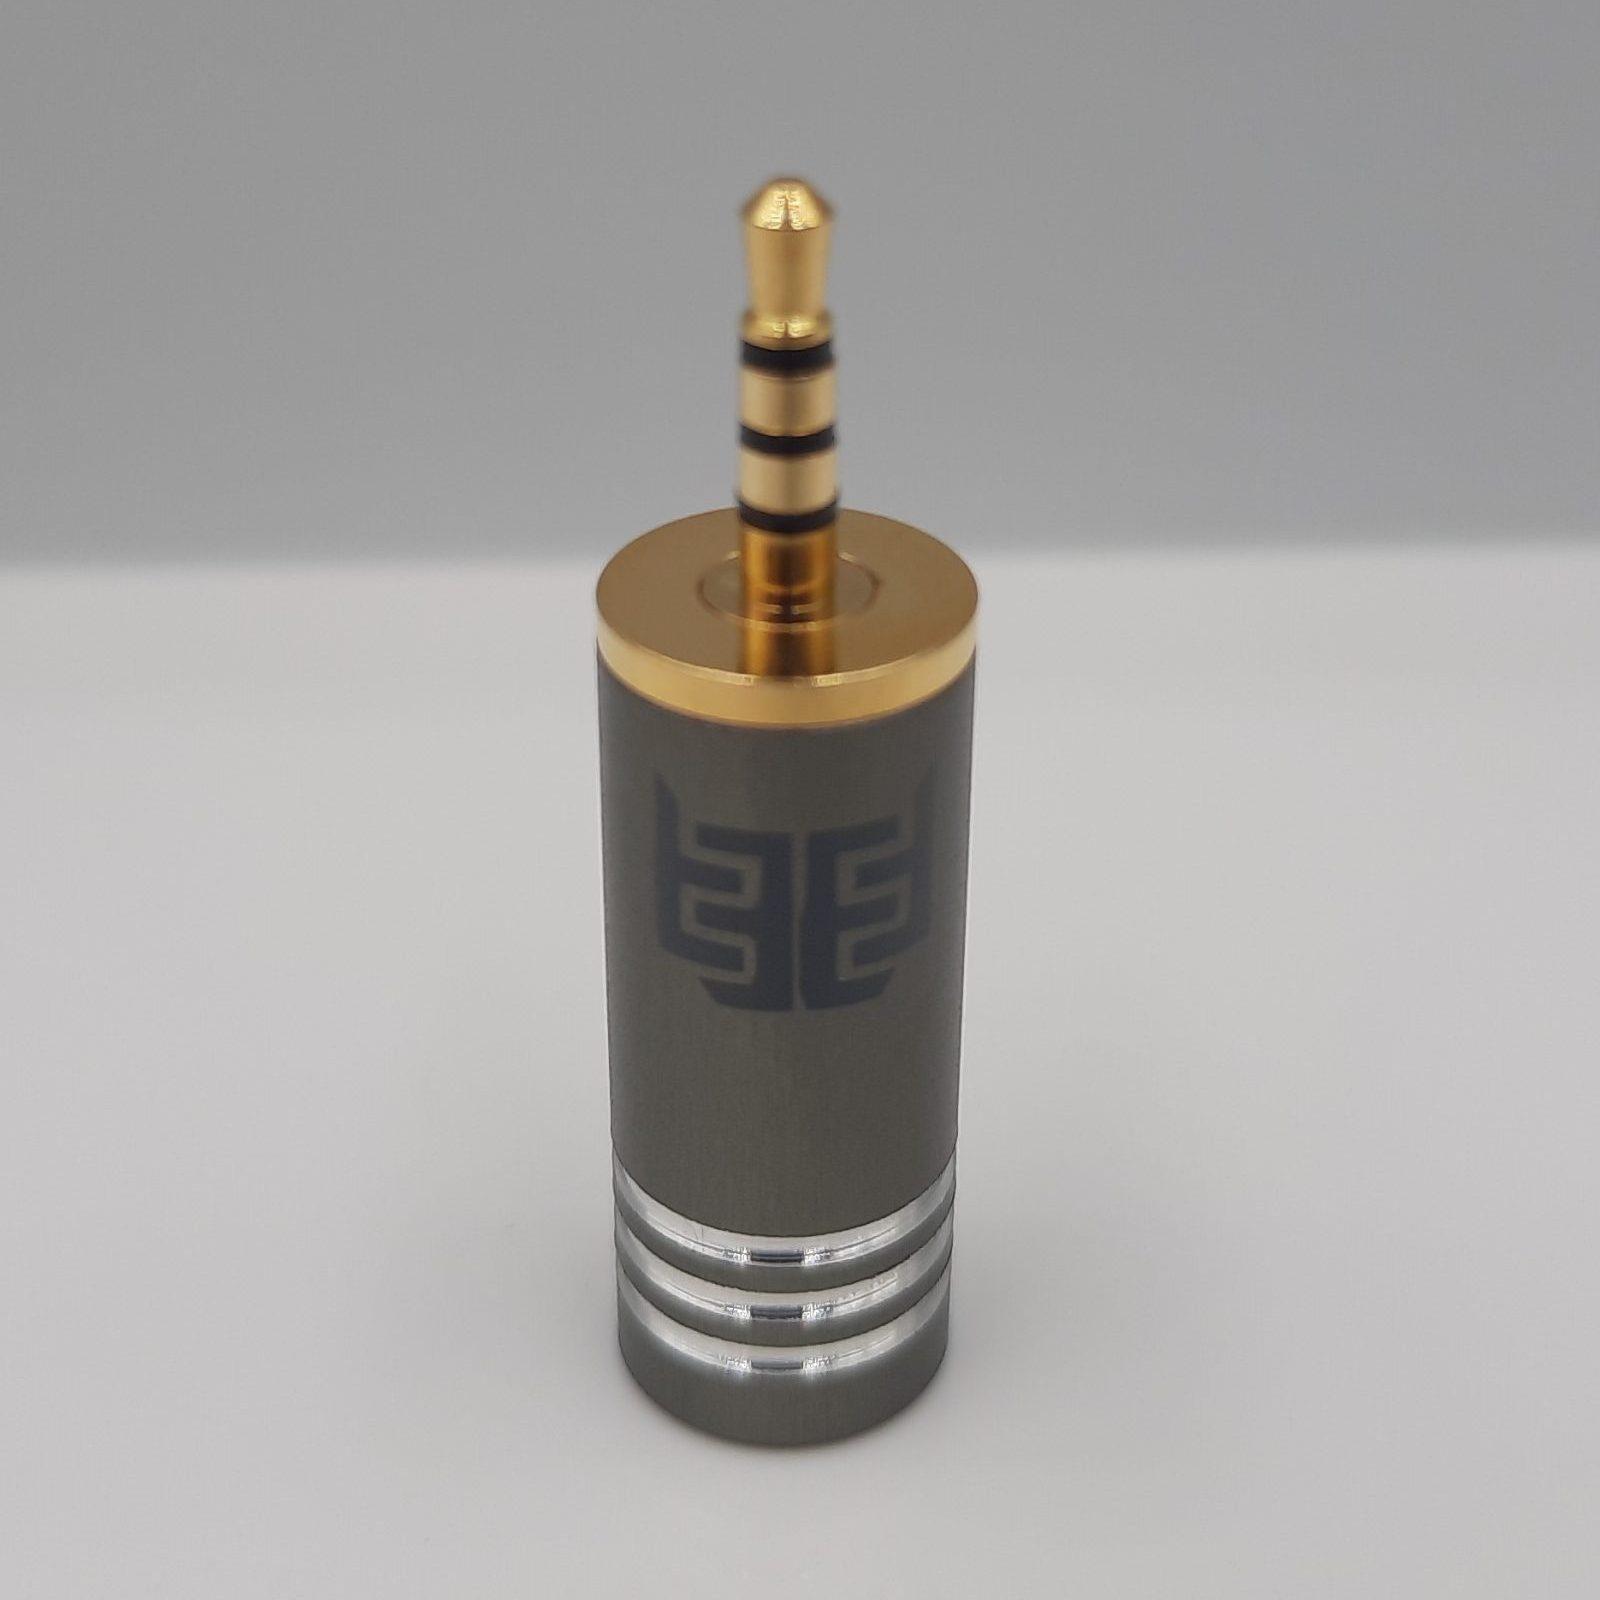 Eidolic 2.5mm spacious barrel